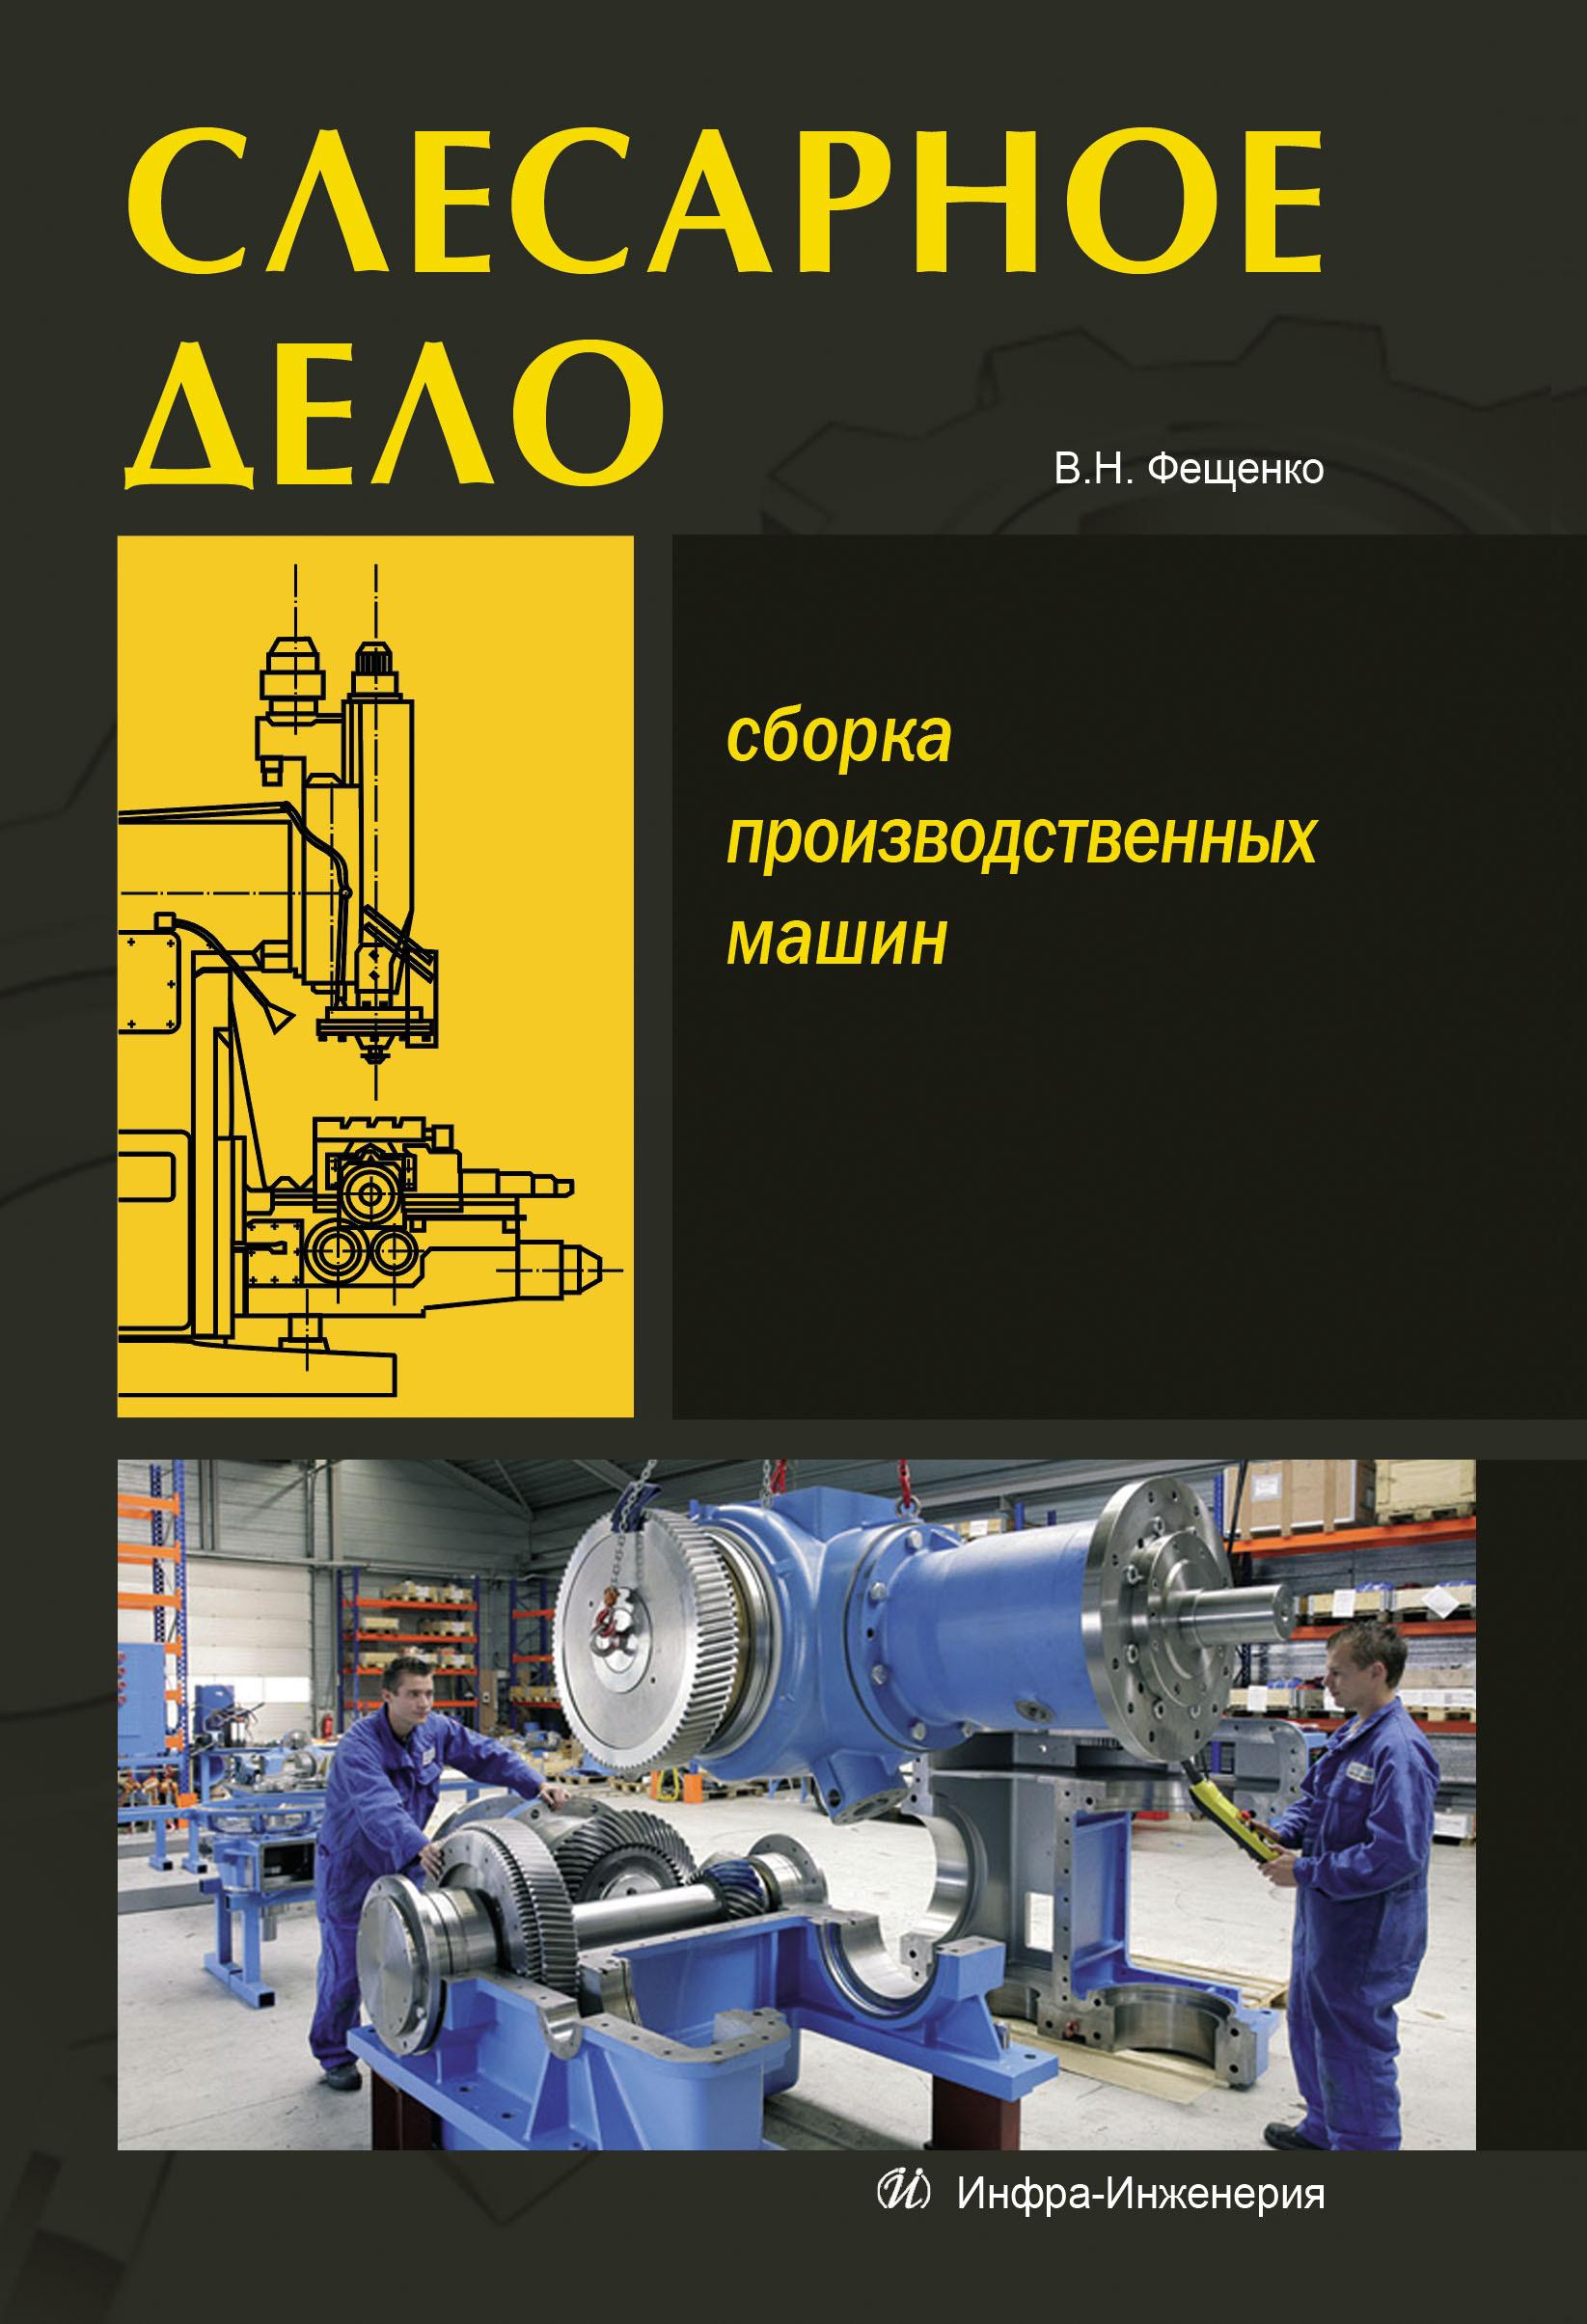 В. Н. Фещенко Слесарное дело. Сборка производственных машин. Книга 3 цена